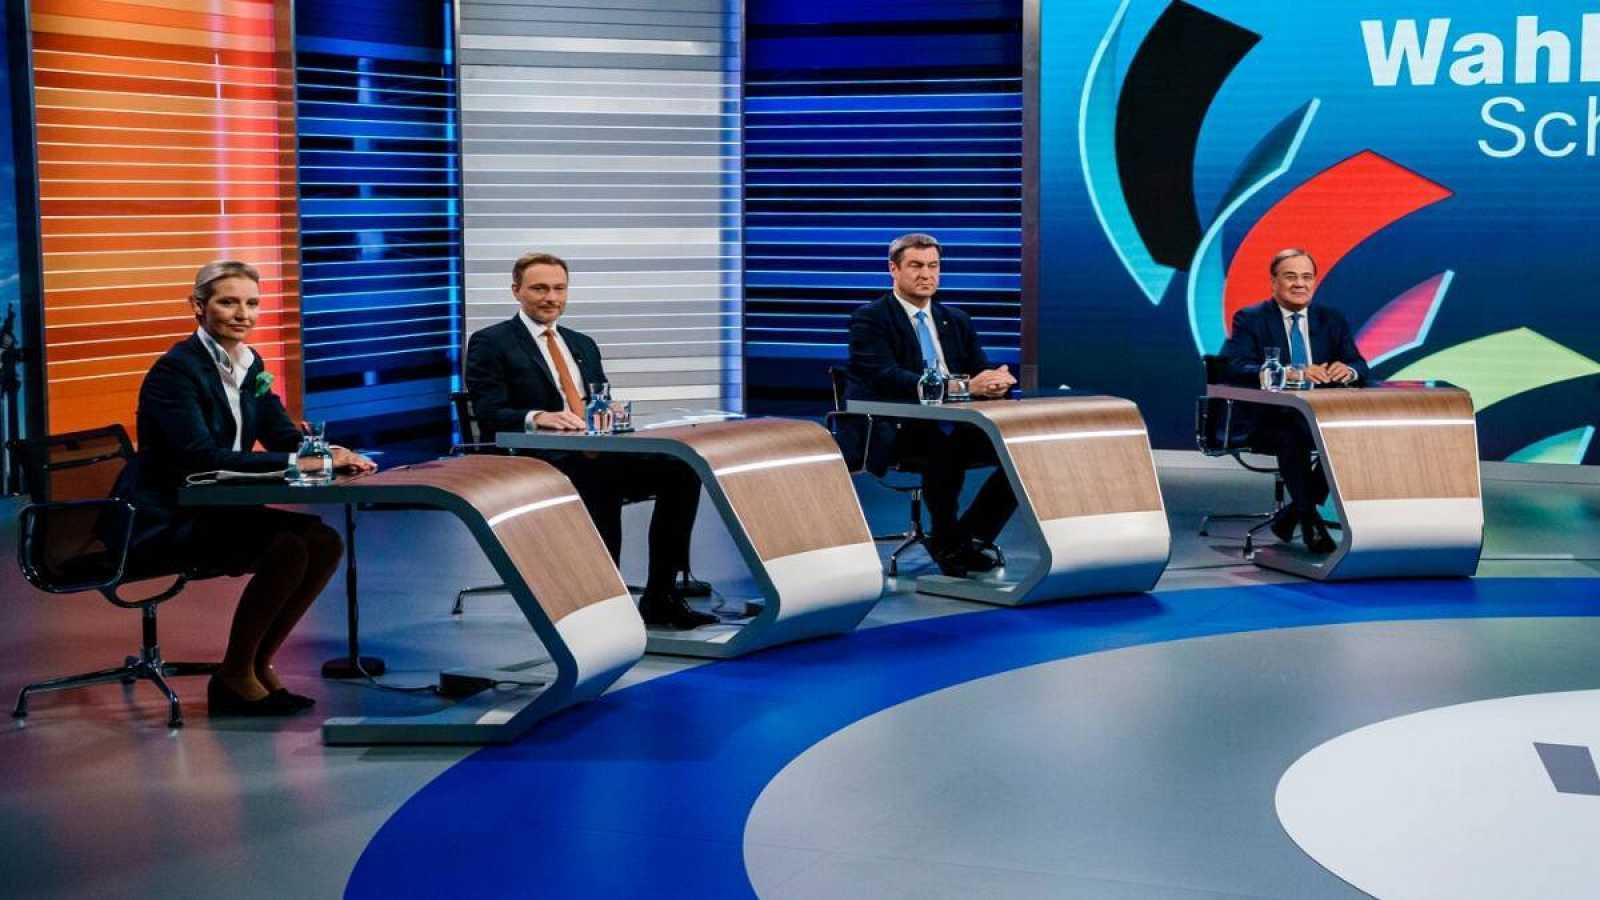 Los candidatos a los comicios alemanes debaten y los sondeos dan la ventaja  de Scholz